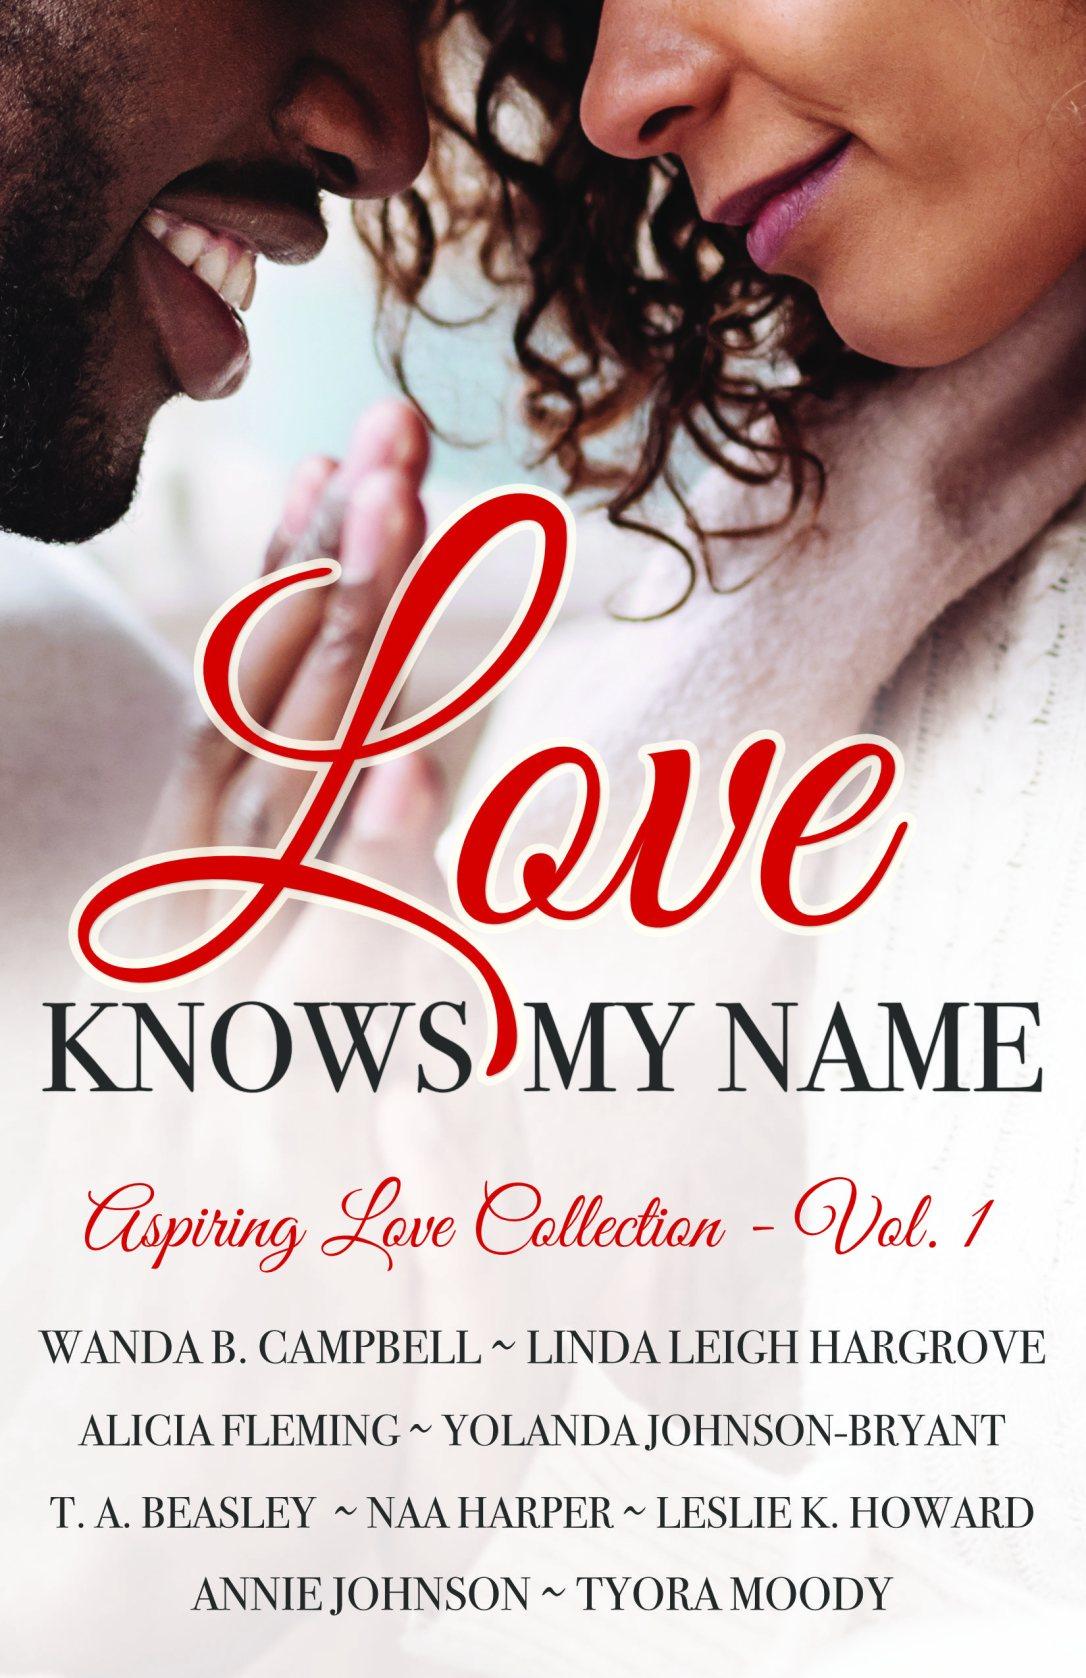 LoveKnowsMyName-COUPLE-V1.jpg